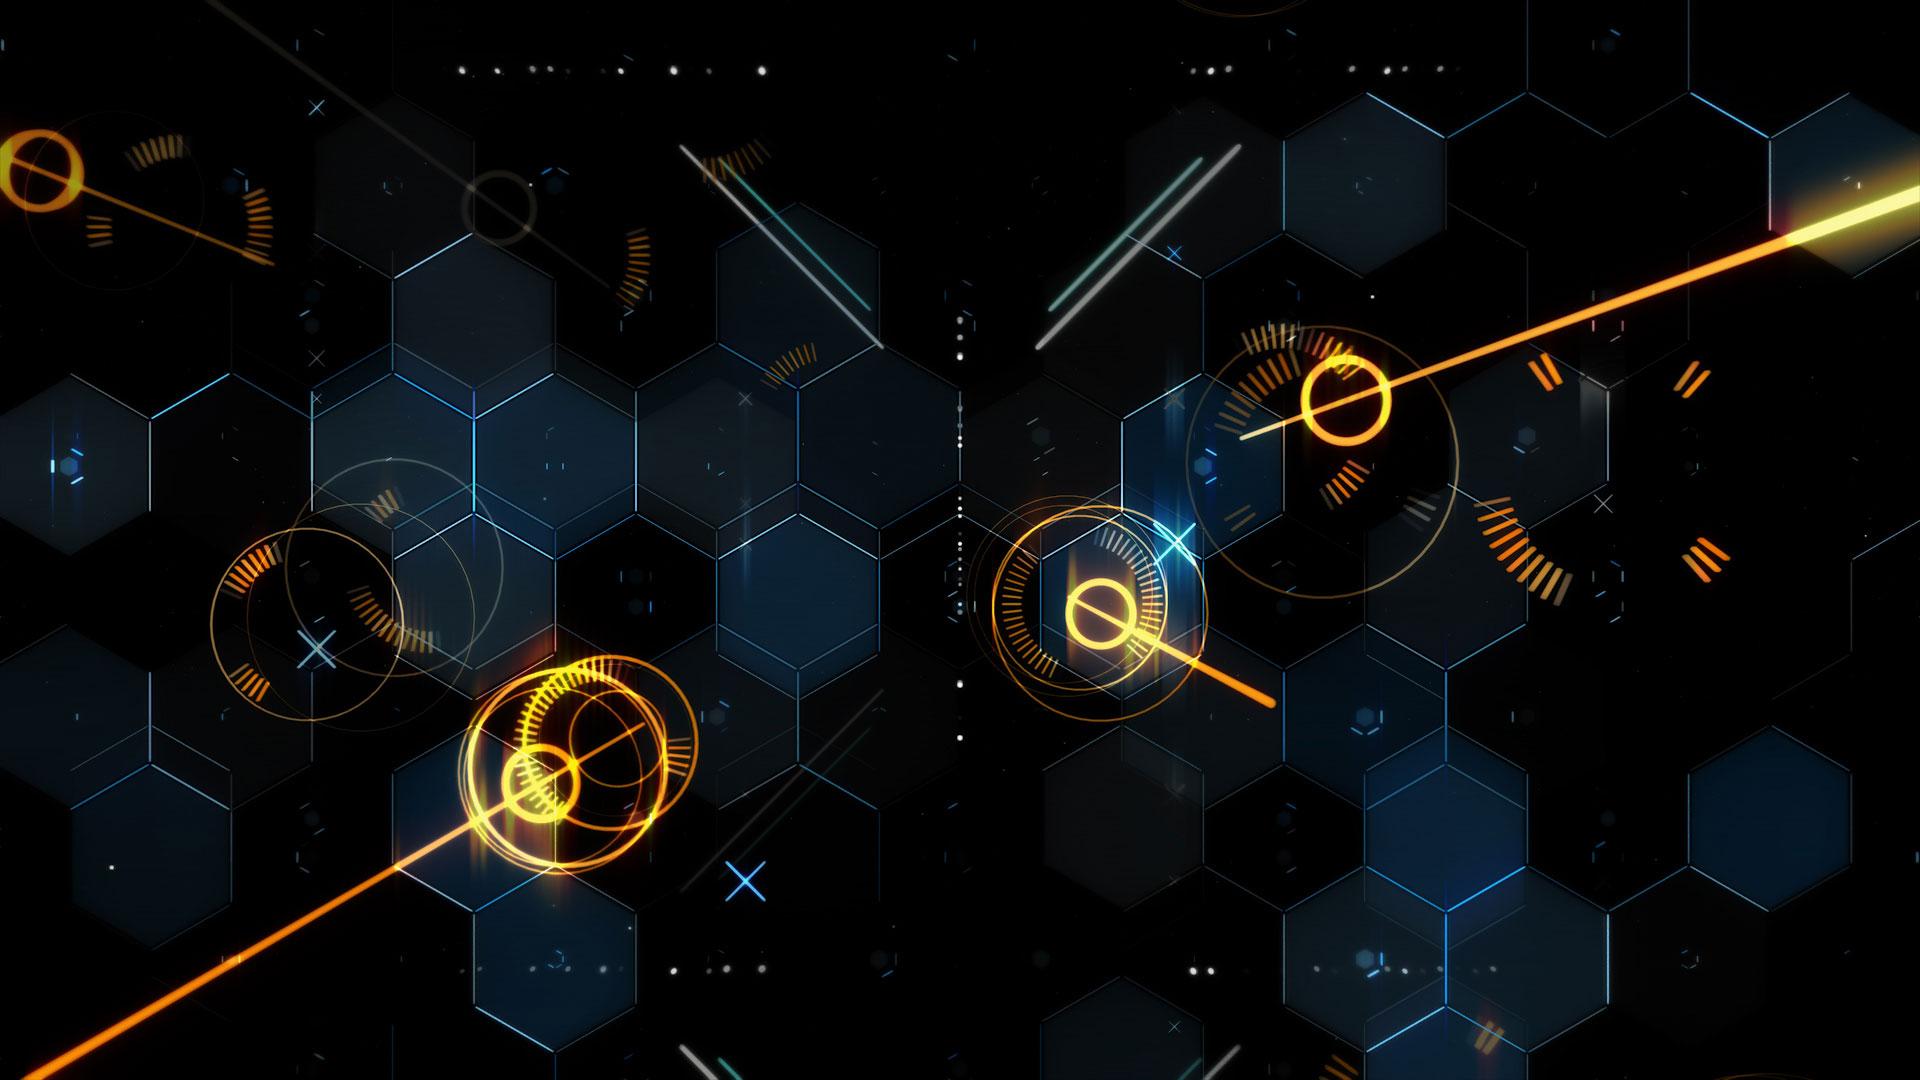 KZ_Cyberspace_21_Still001